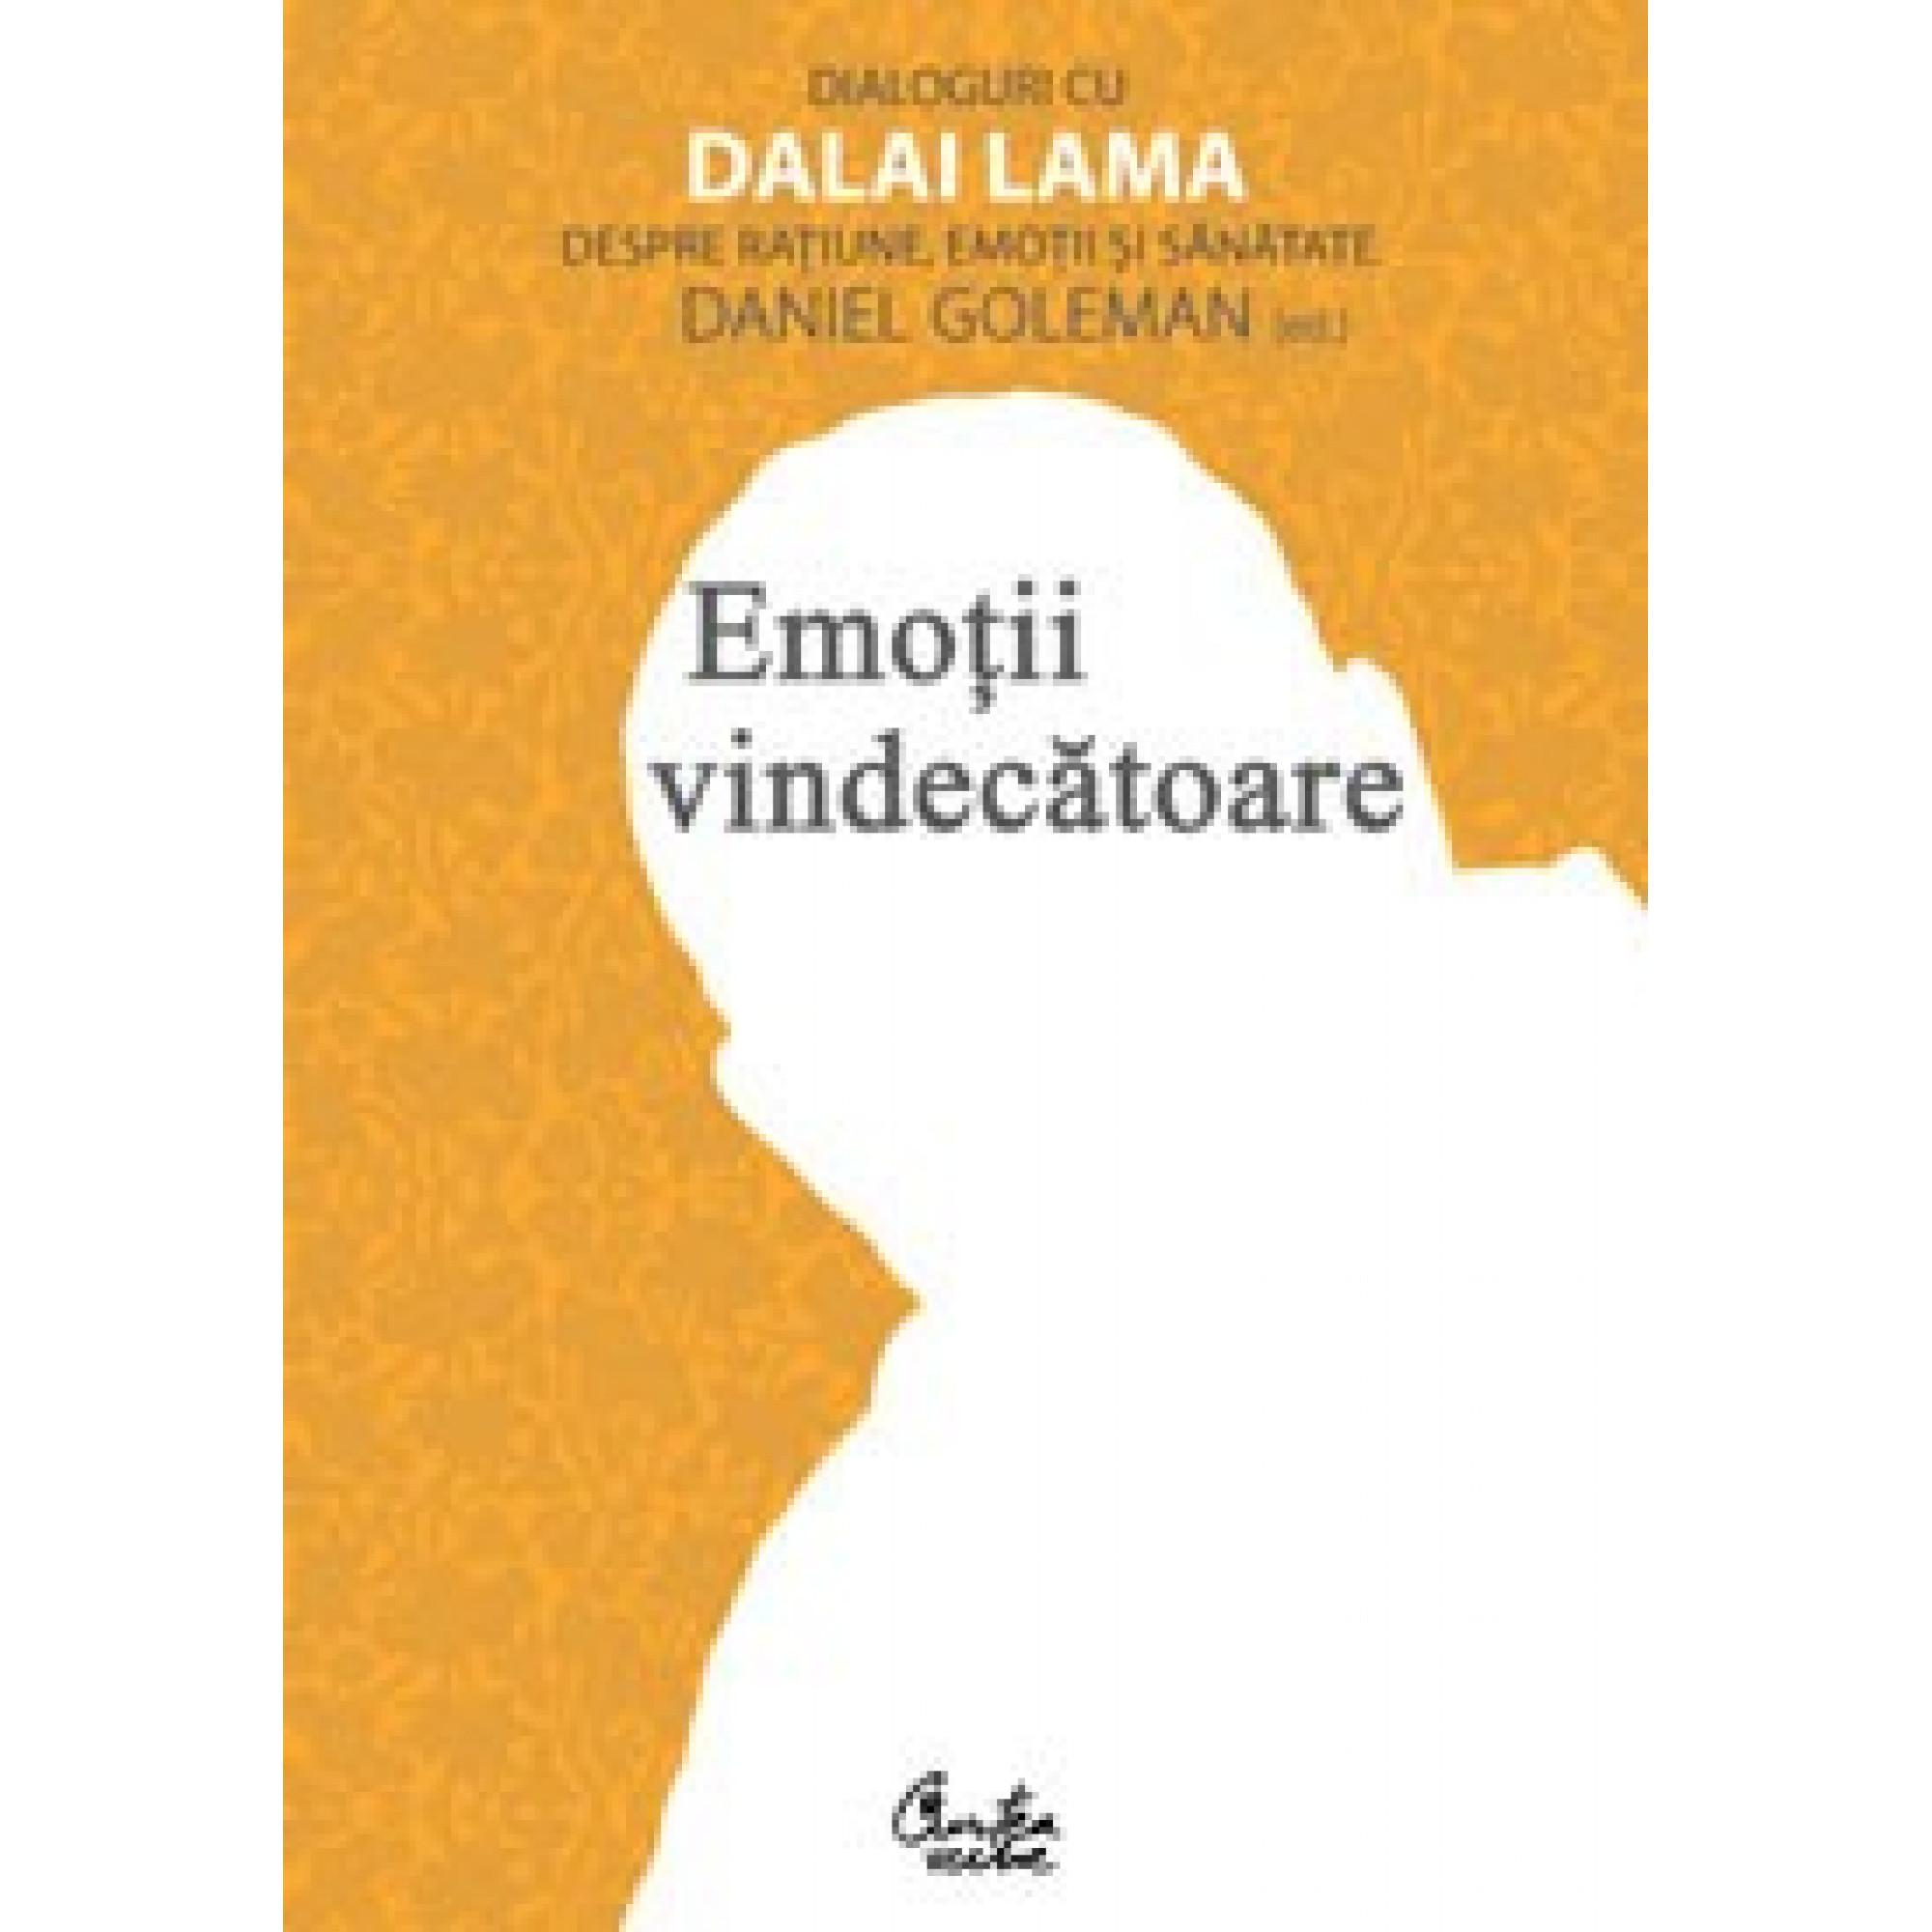 Emoţii vindecătoare. Dialoguri cu Dalai Lama despre raţiune, emoţii şi sănătate; Daniel Goleman